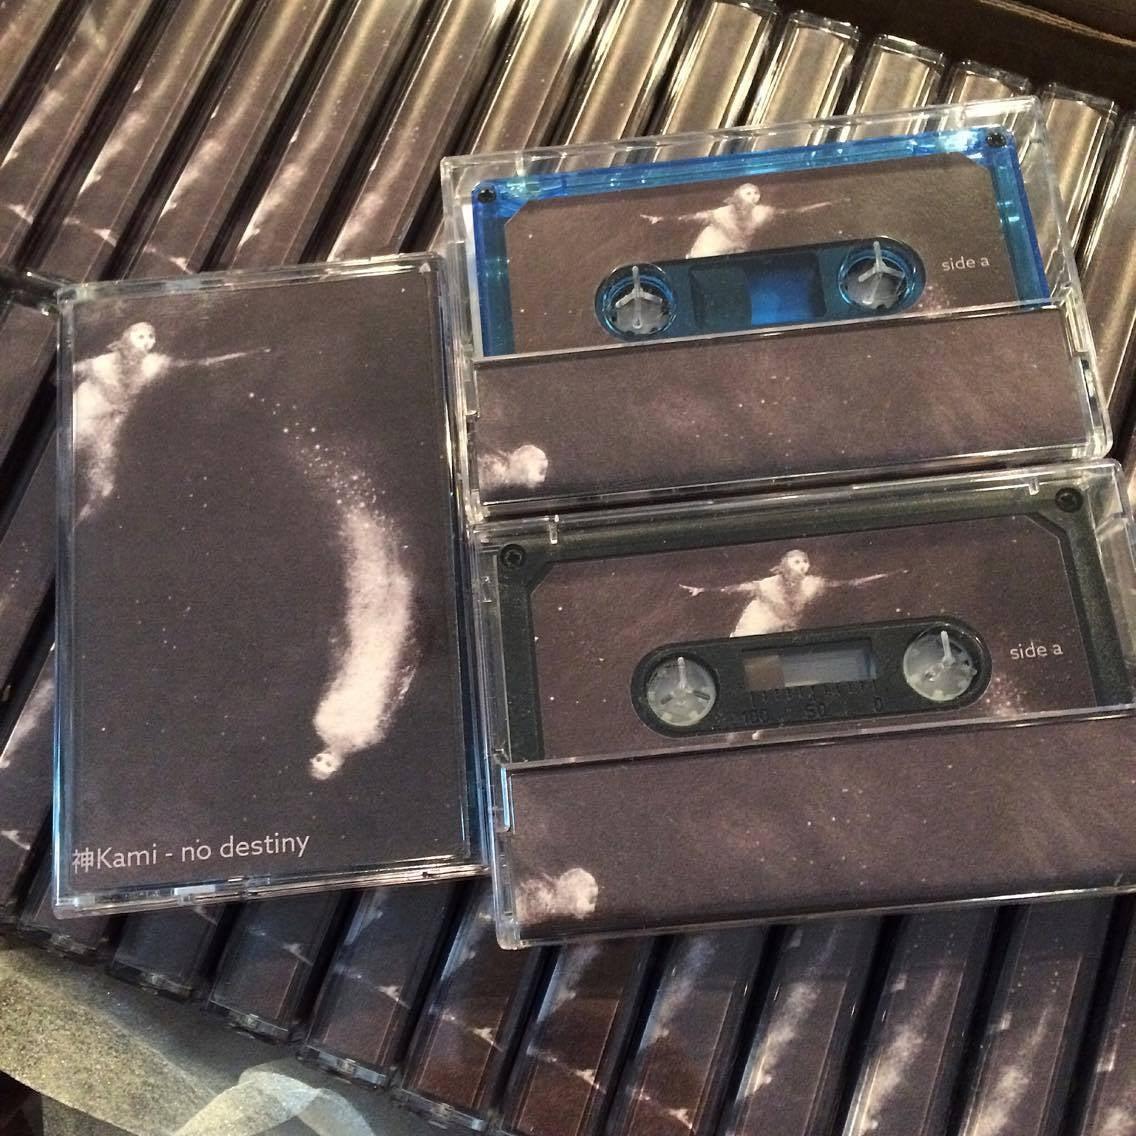 Image of 神Kami- no destiny cassette